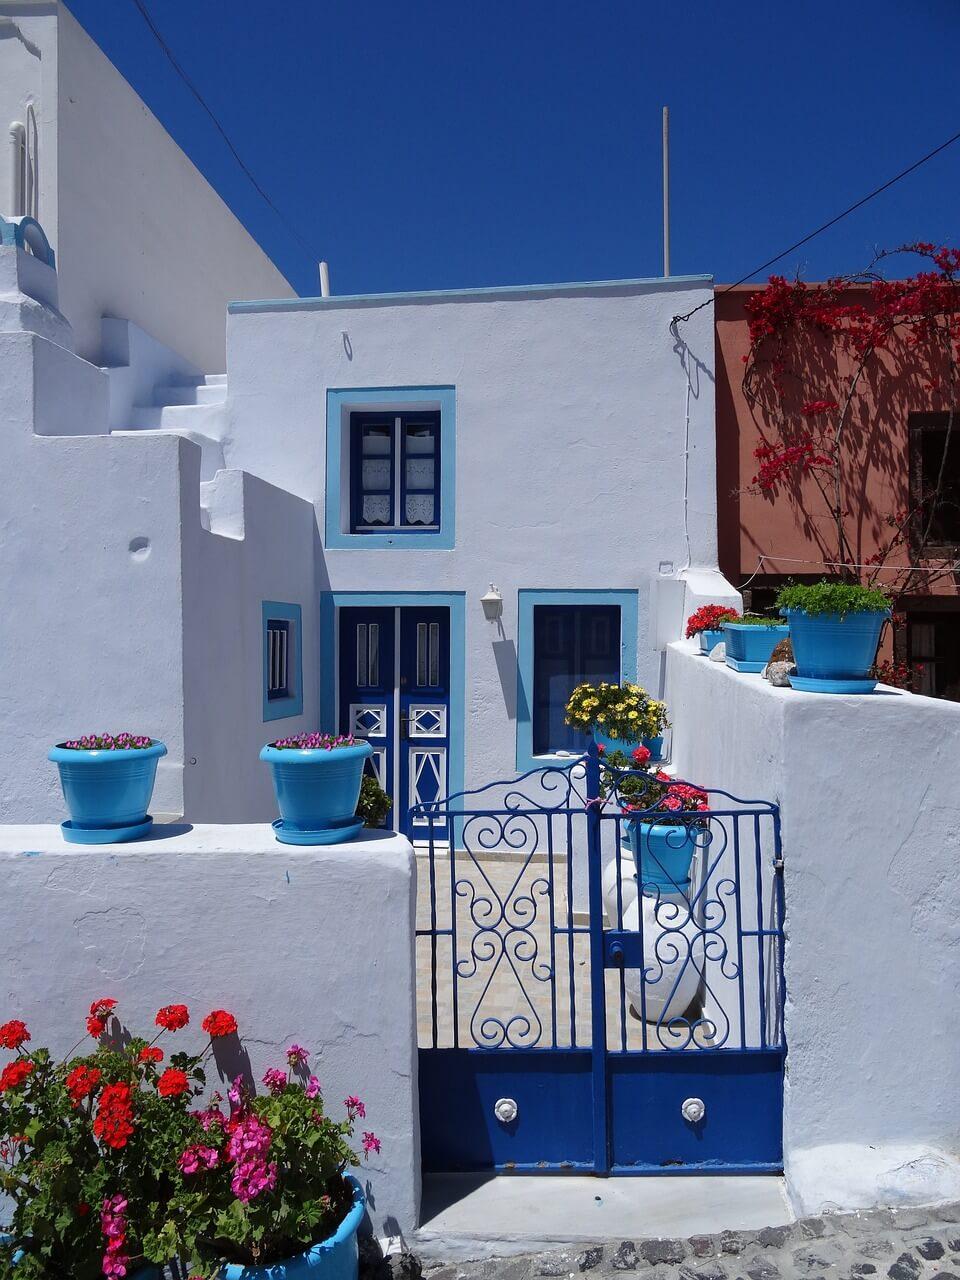 Santorin_Griechenland_Urlaub_Reiseziele_Griechenland